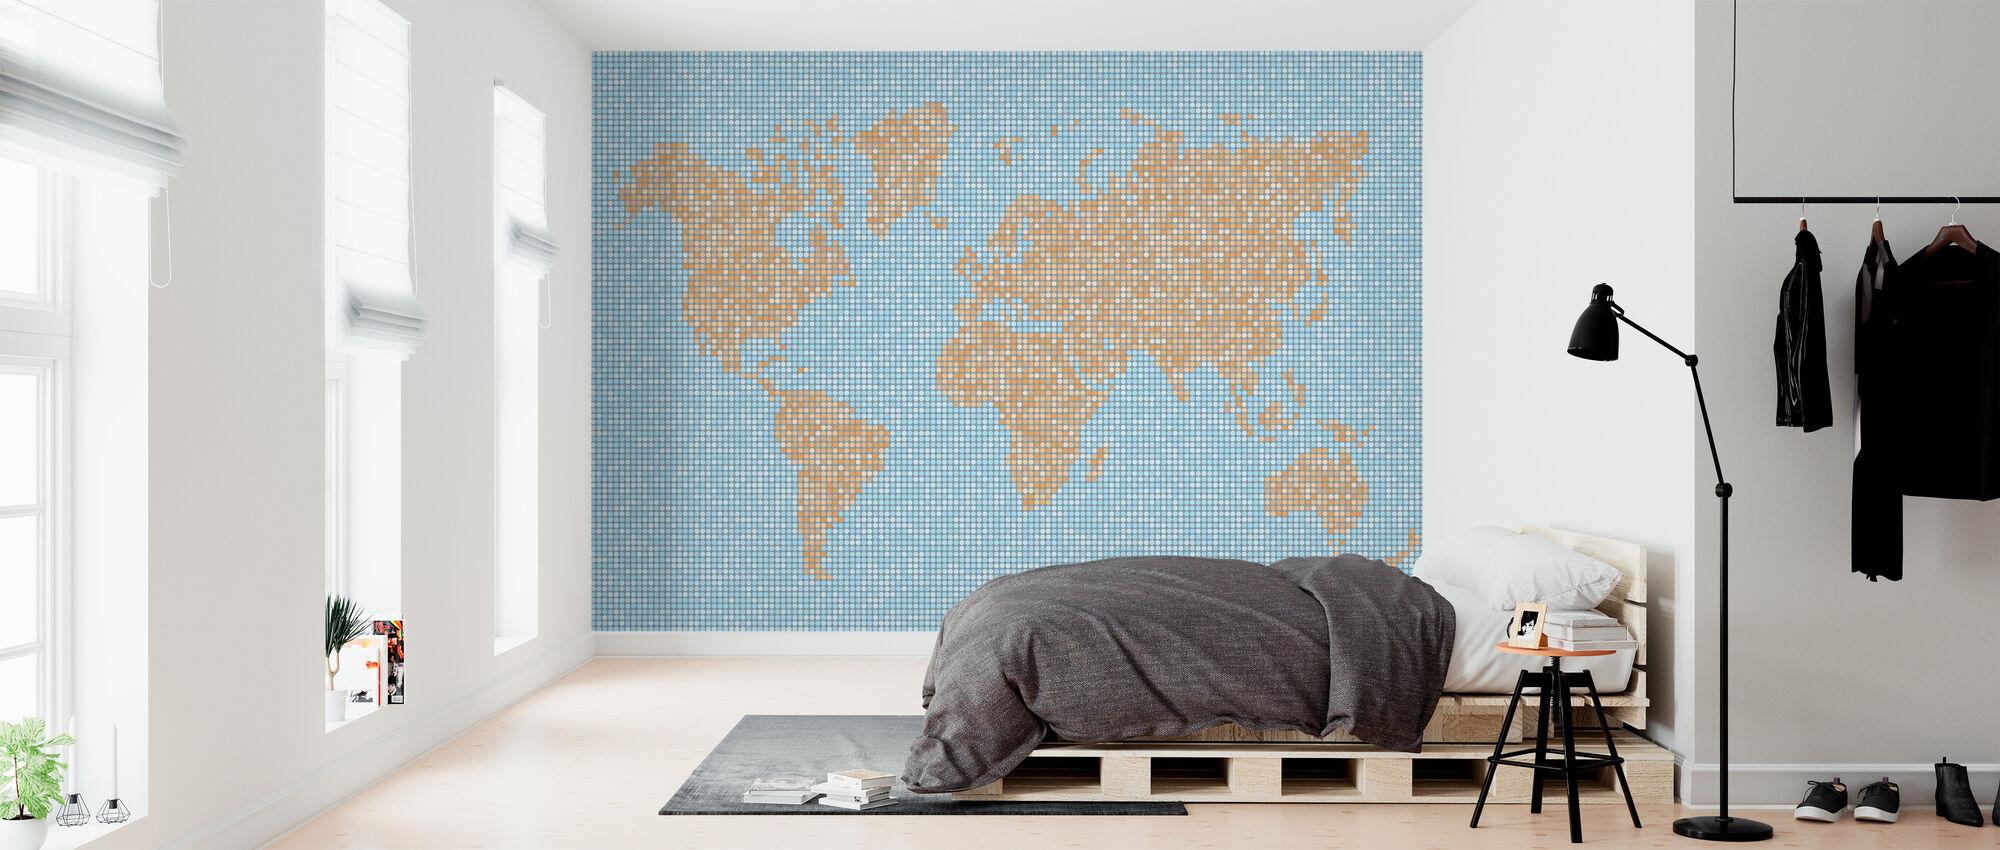 Wereldkaart puntstructuur - Behang - Slaapkamer